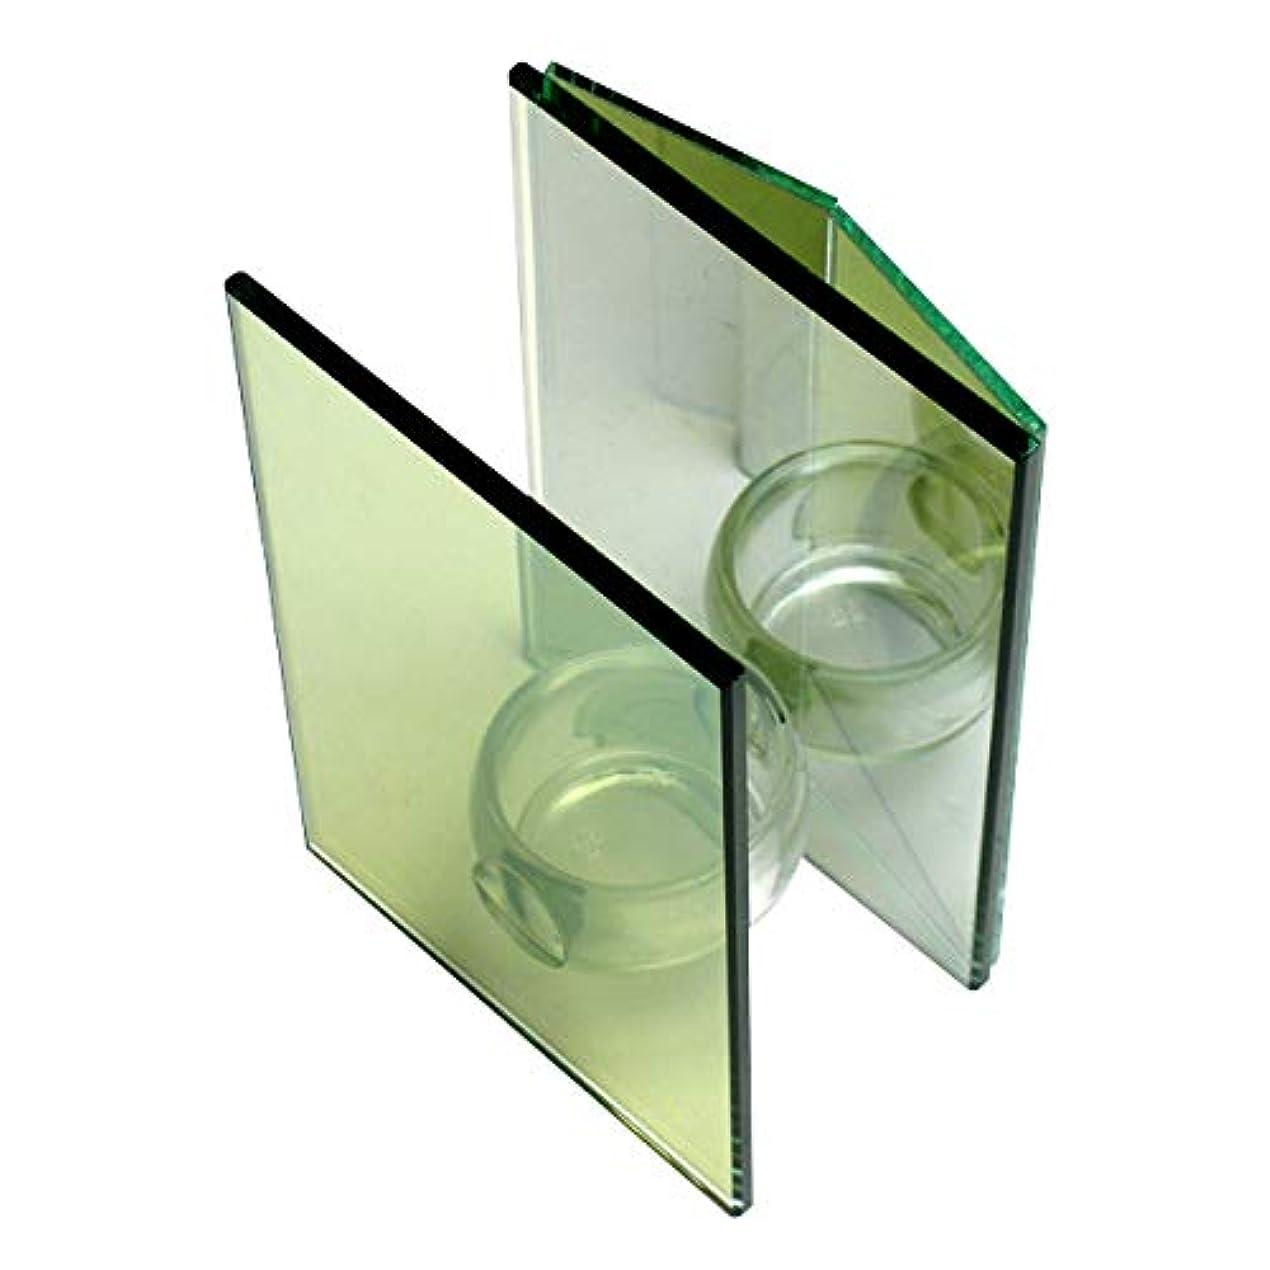 流体家具理論的無限連鎖キャンドルホルダー ダブルミラー ガラス キャンドルスタンド ランタン 誕生日 ティーライトキャンドル